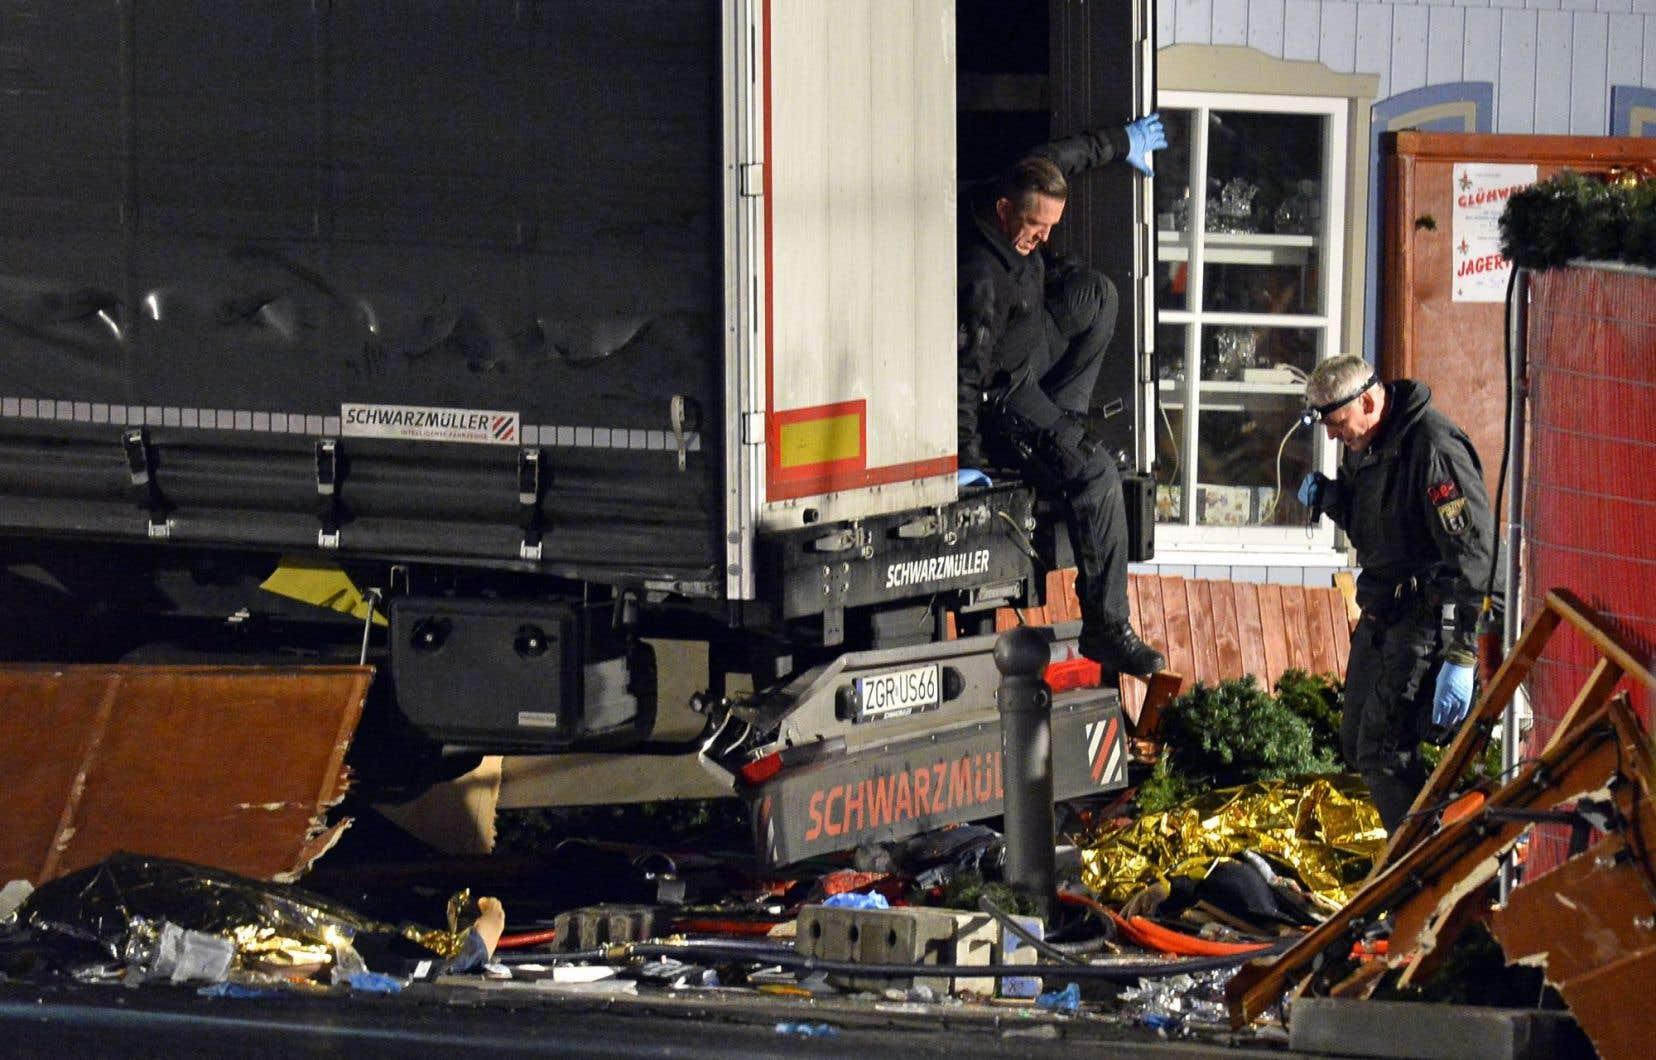 Dans un acte rappelant l'attentat de Nice du 14juillet dernier, un camion a foncé sur la foule de l'un des marchés de Noël les plus achalandés de Berlin.